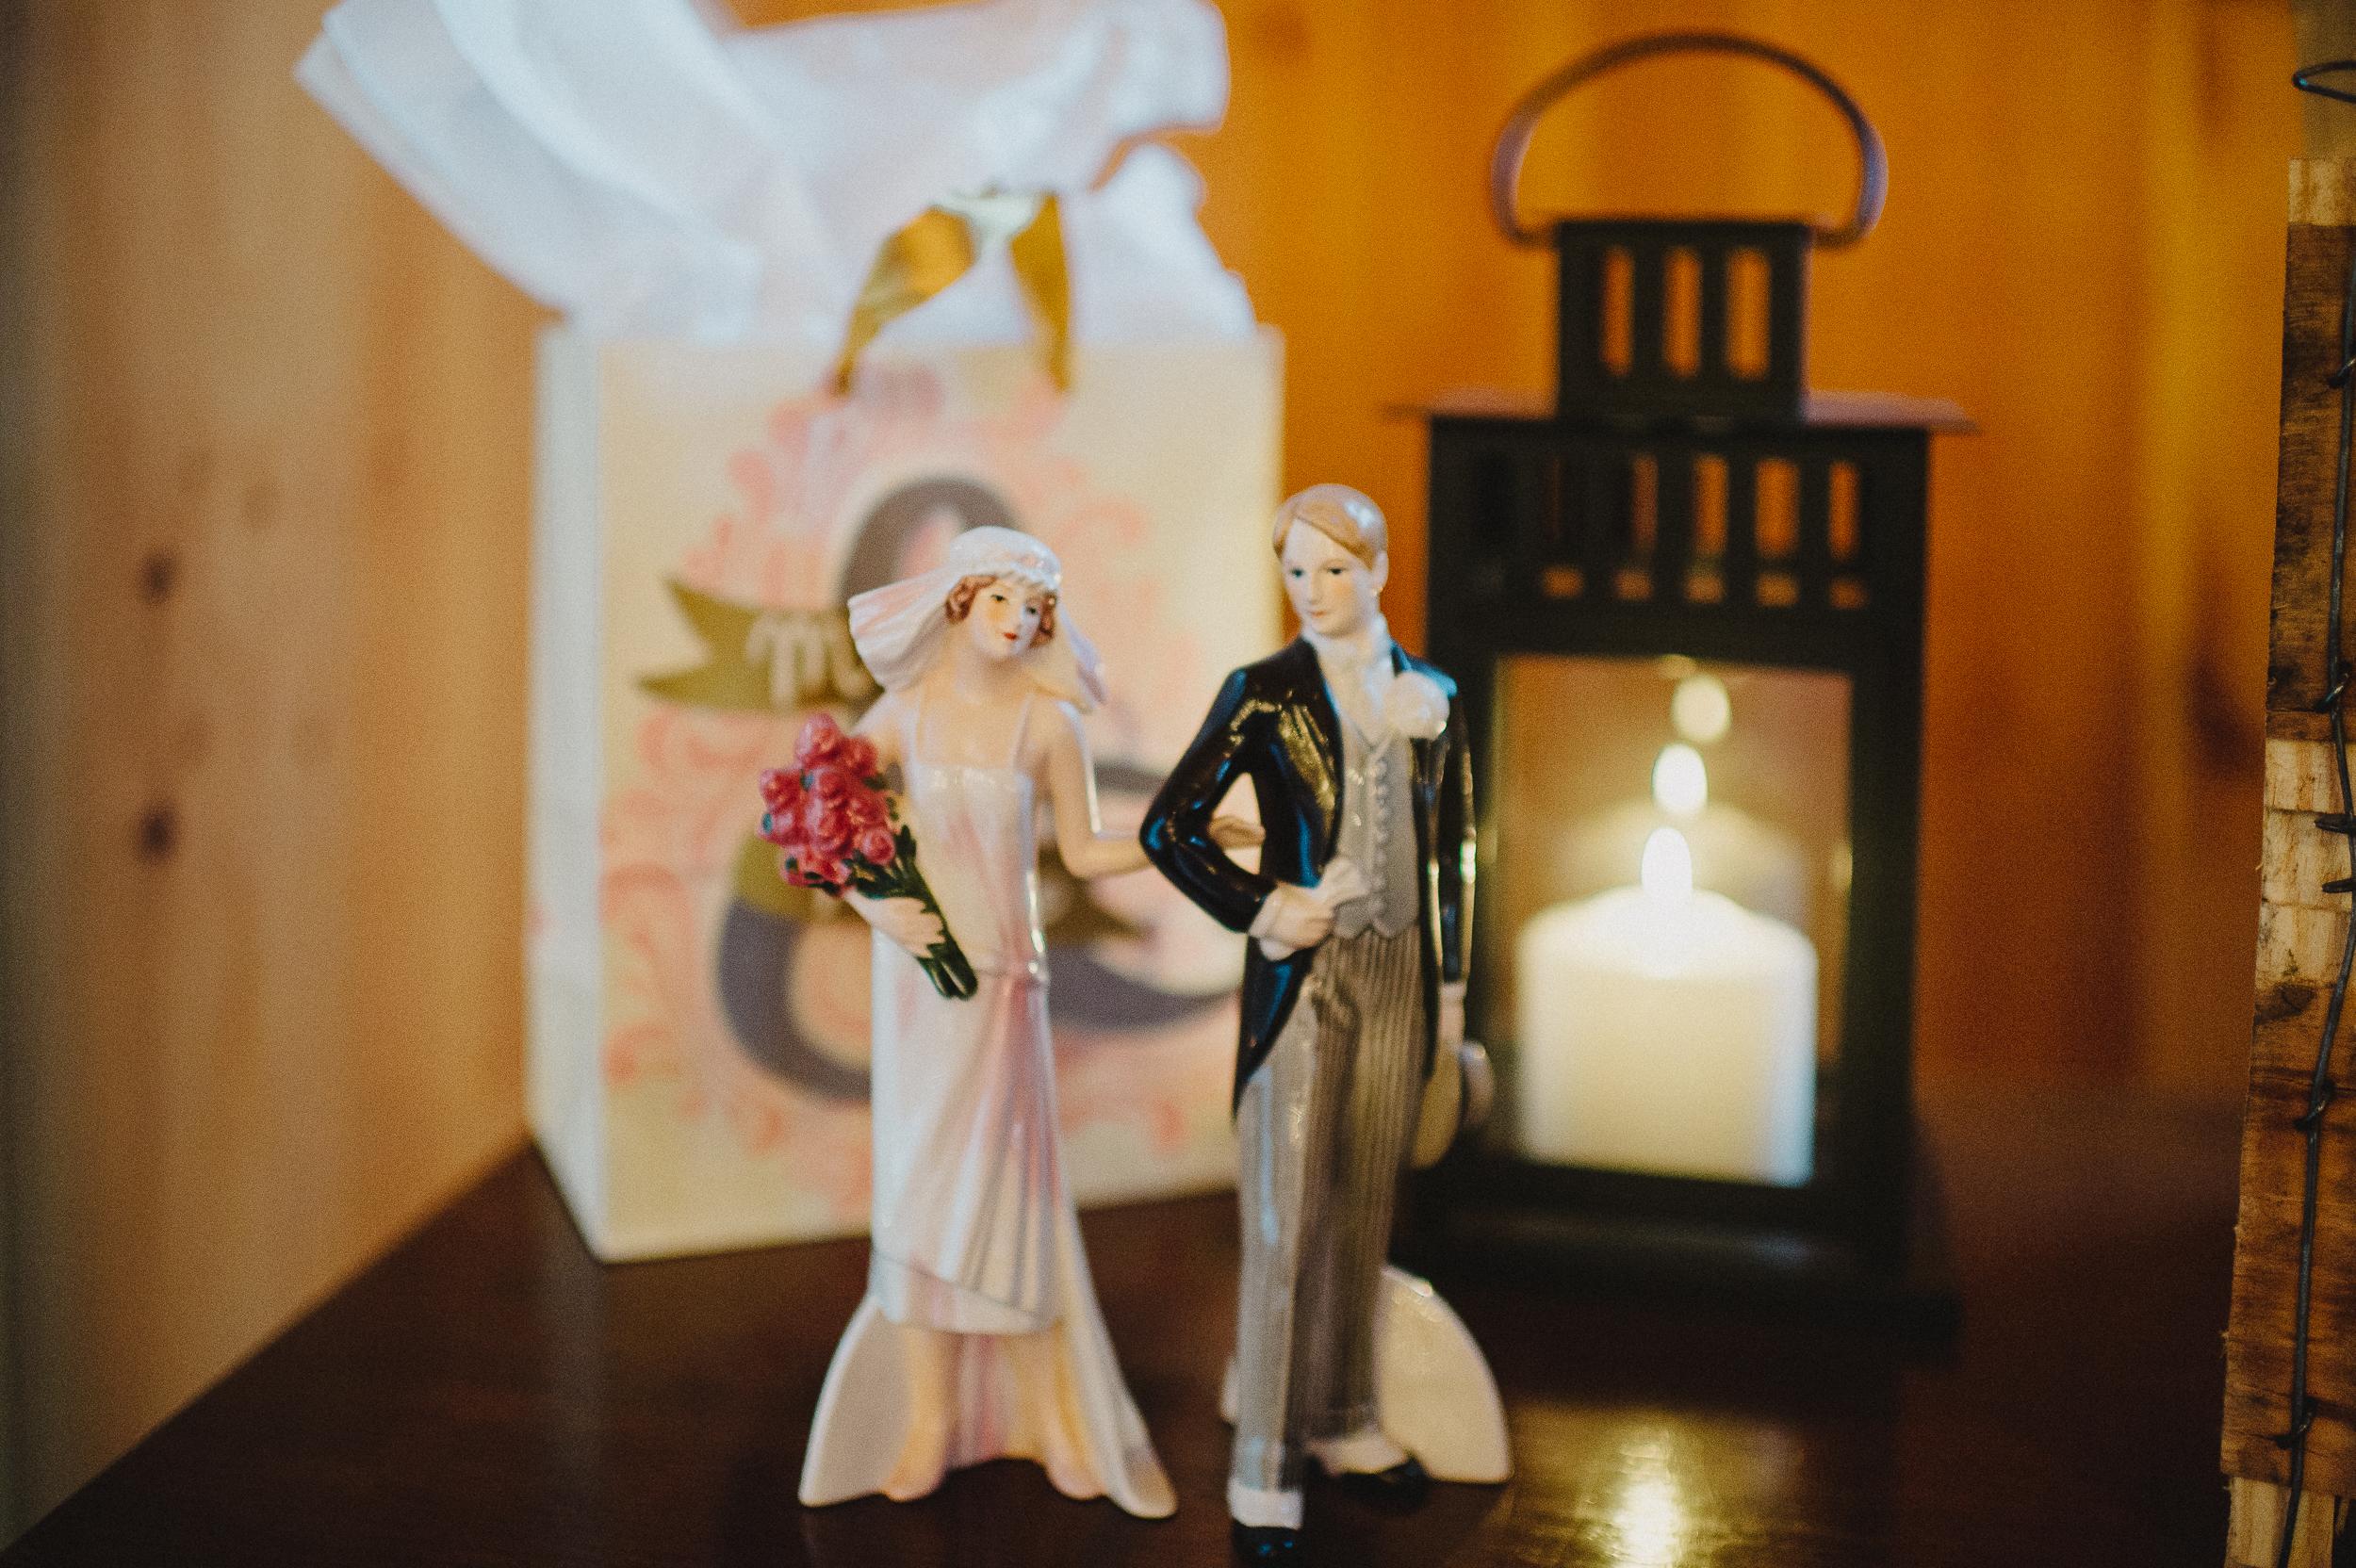 thousand-acre-farm-wedding-photographer-86.jpg